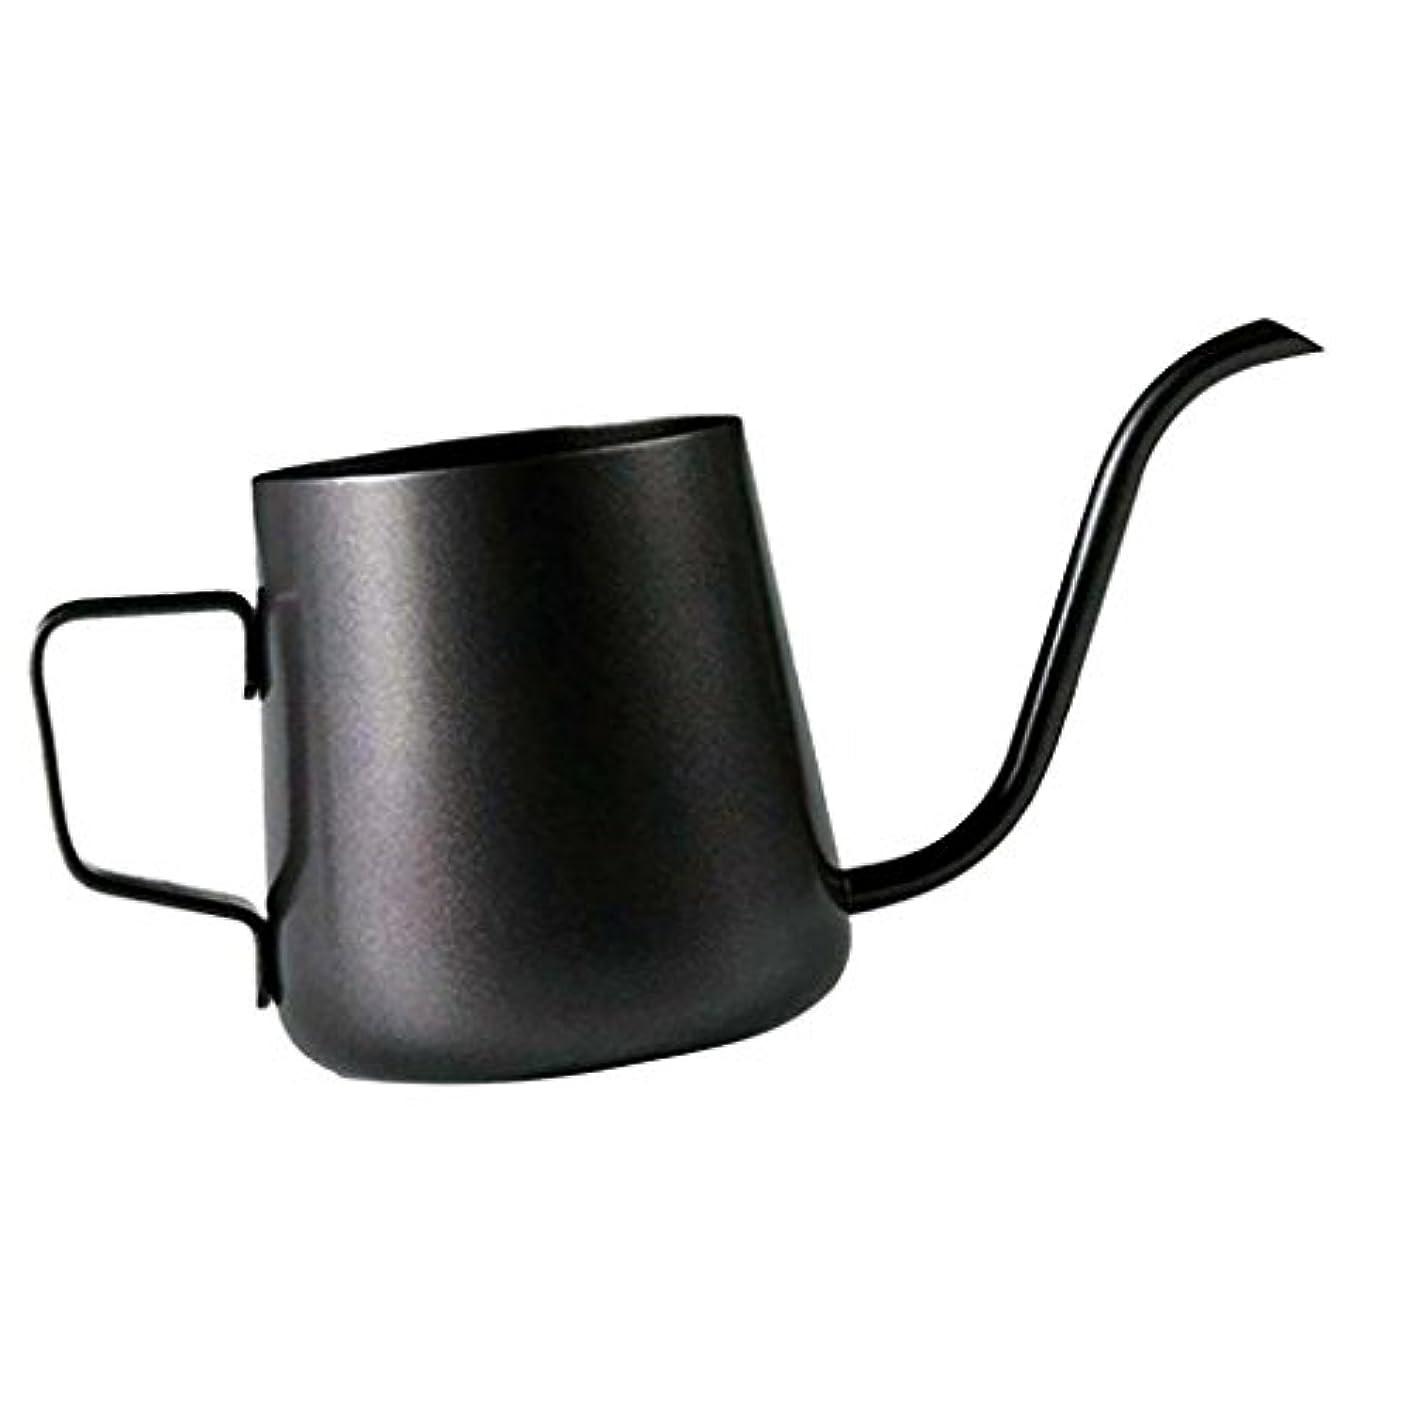 強風とても実装するHomeland コーヒーポット お茶などにも対応 クッキング用品 ステンレス製 エスプレッソポット ケトル - ブラック, 250ミリリットル